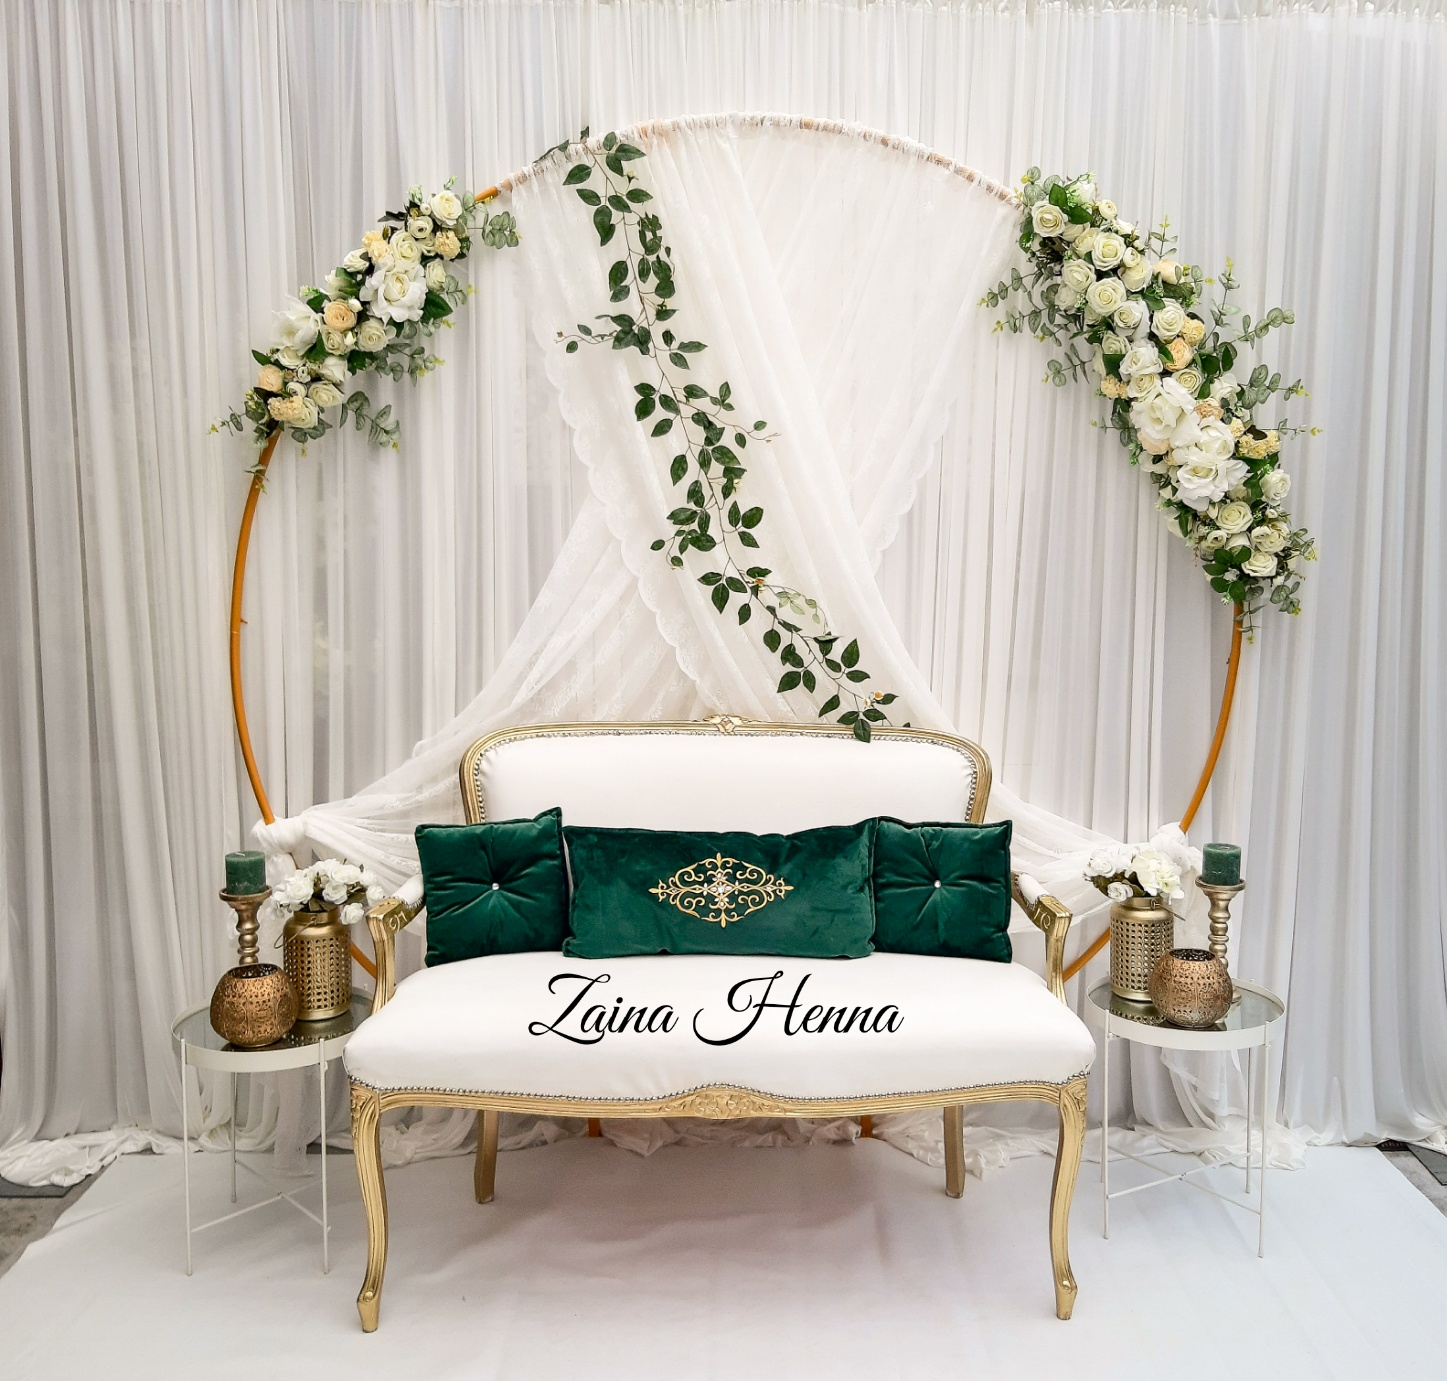 Queen Anne bank achterwand bloemen cirkel wit met accesoires groen en goud  €210,-